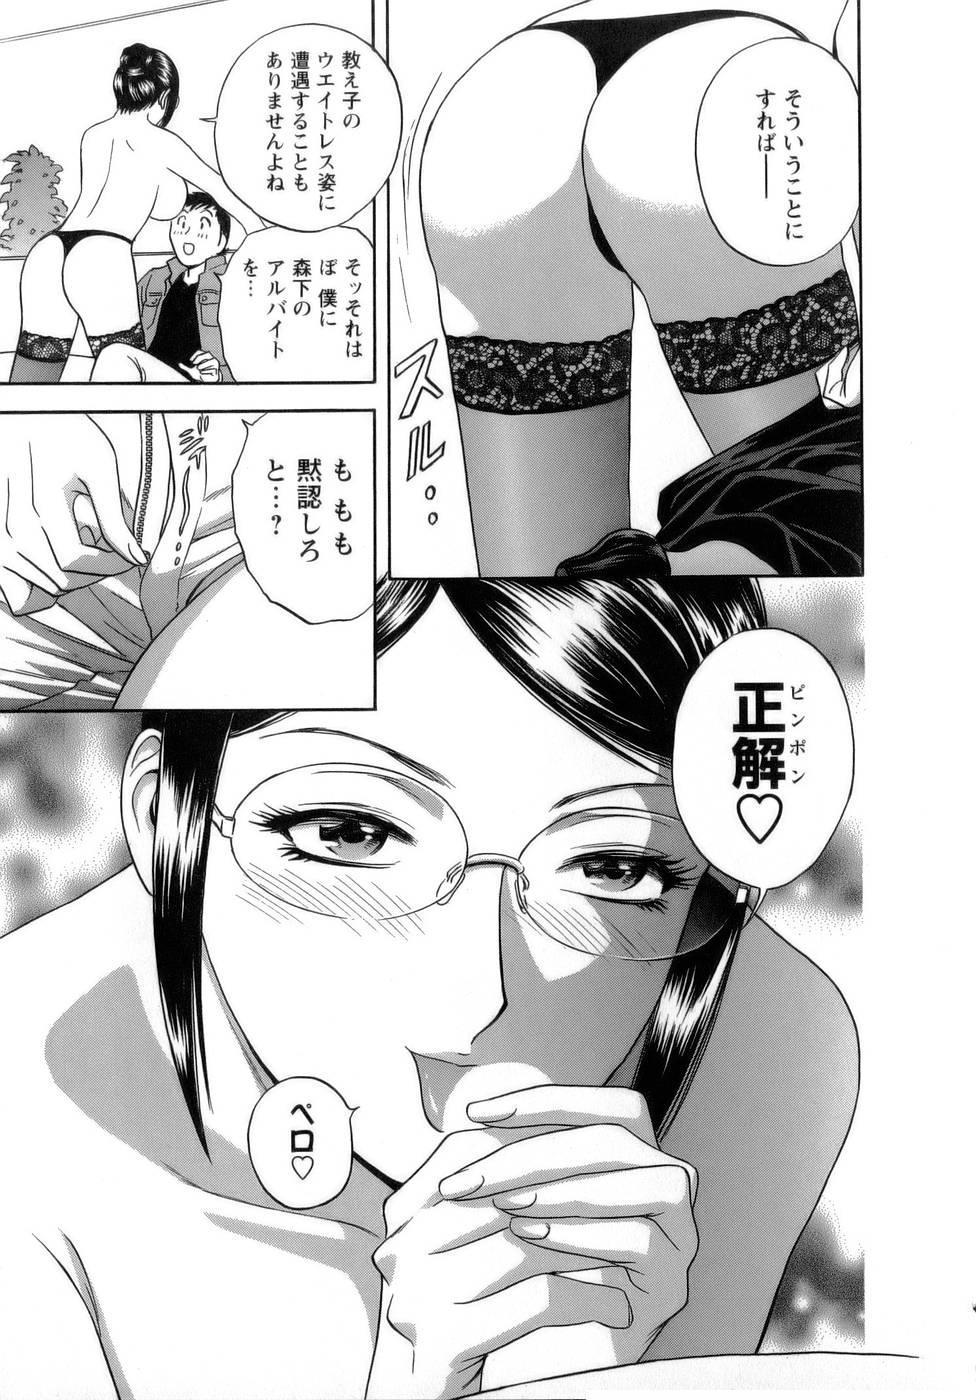 [Hidemaru] Mo-Retsu! Boin Sensei (Boing Boing Teacher) Vol.1 142